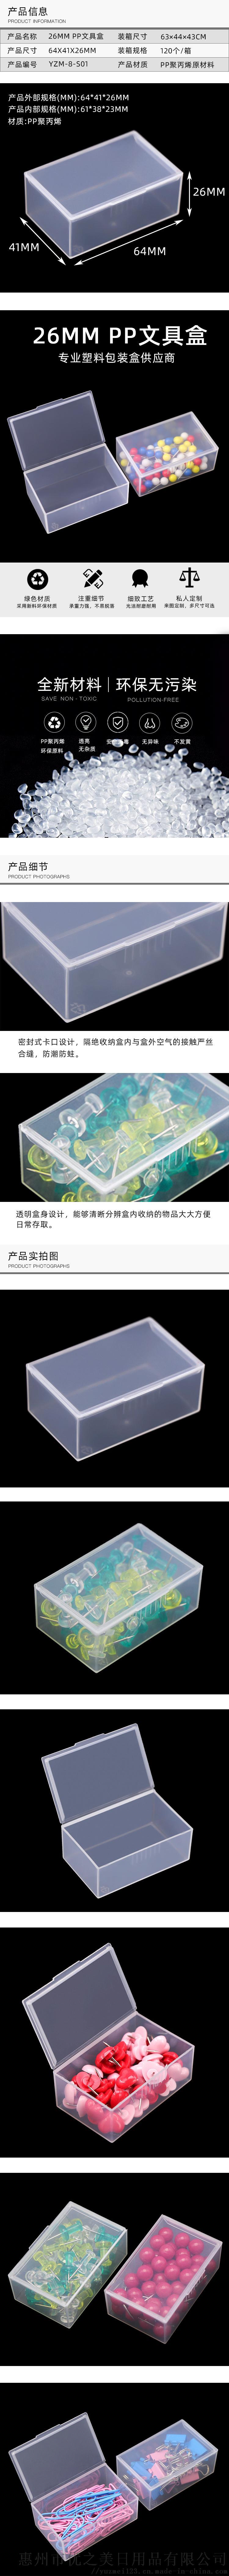 文具类SS-8-S01-中文版.jpg